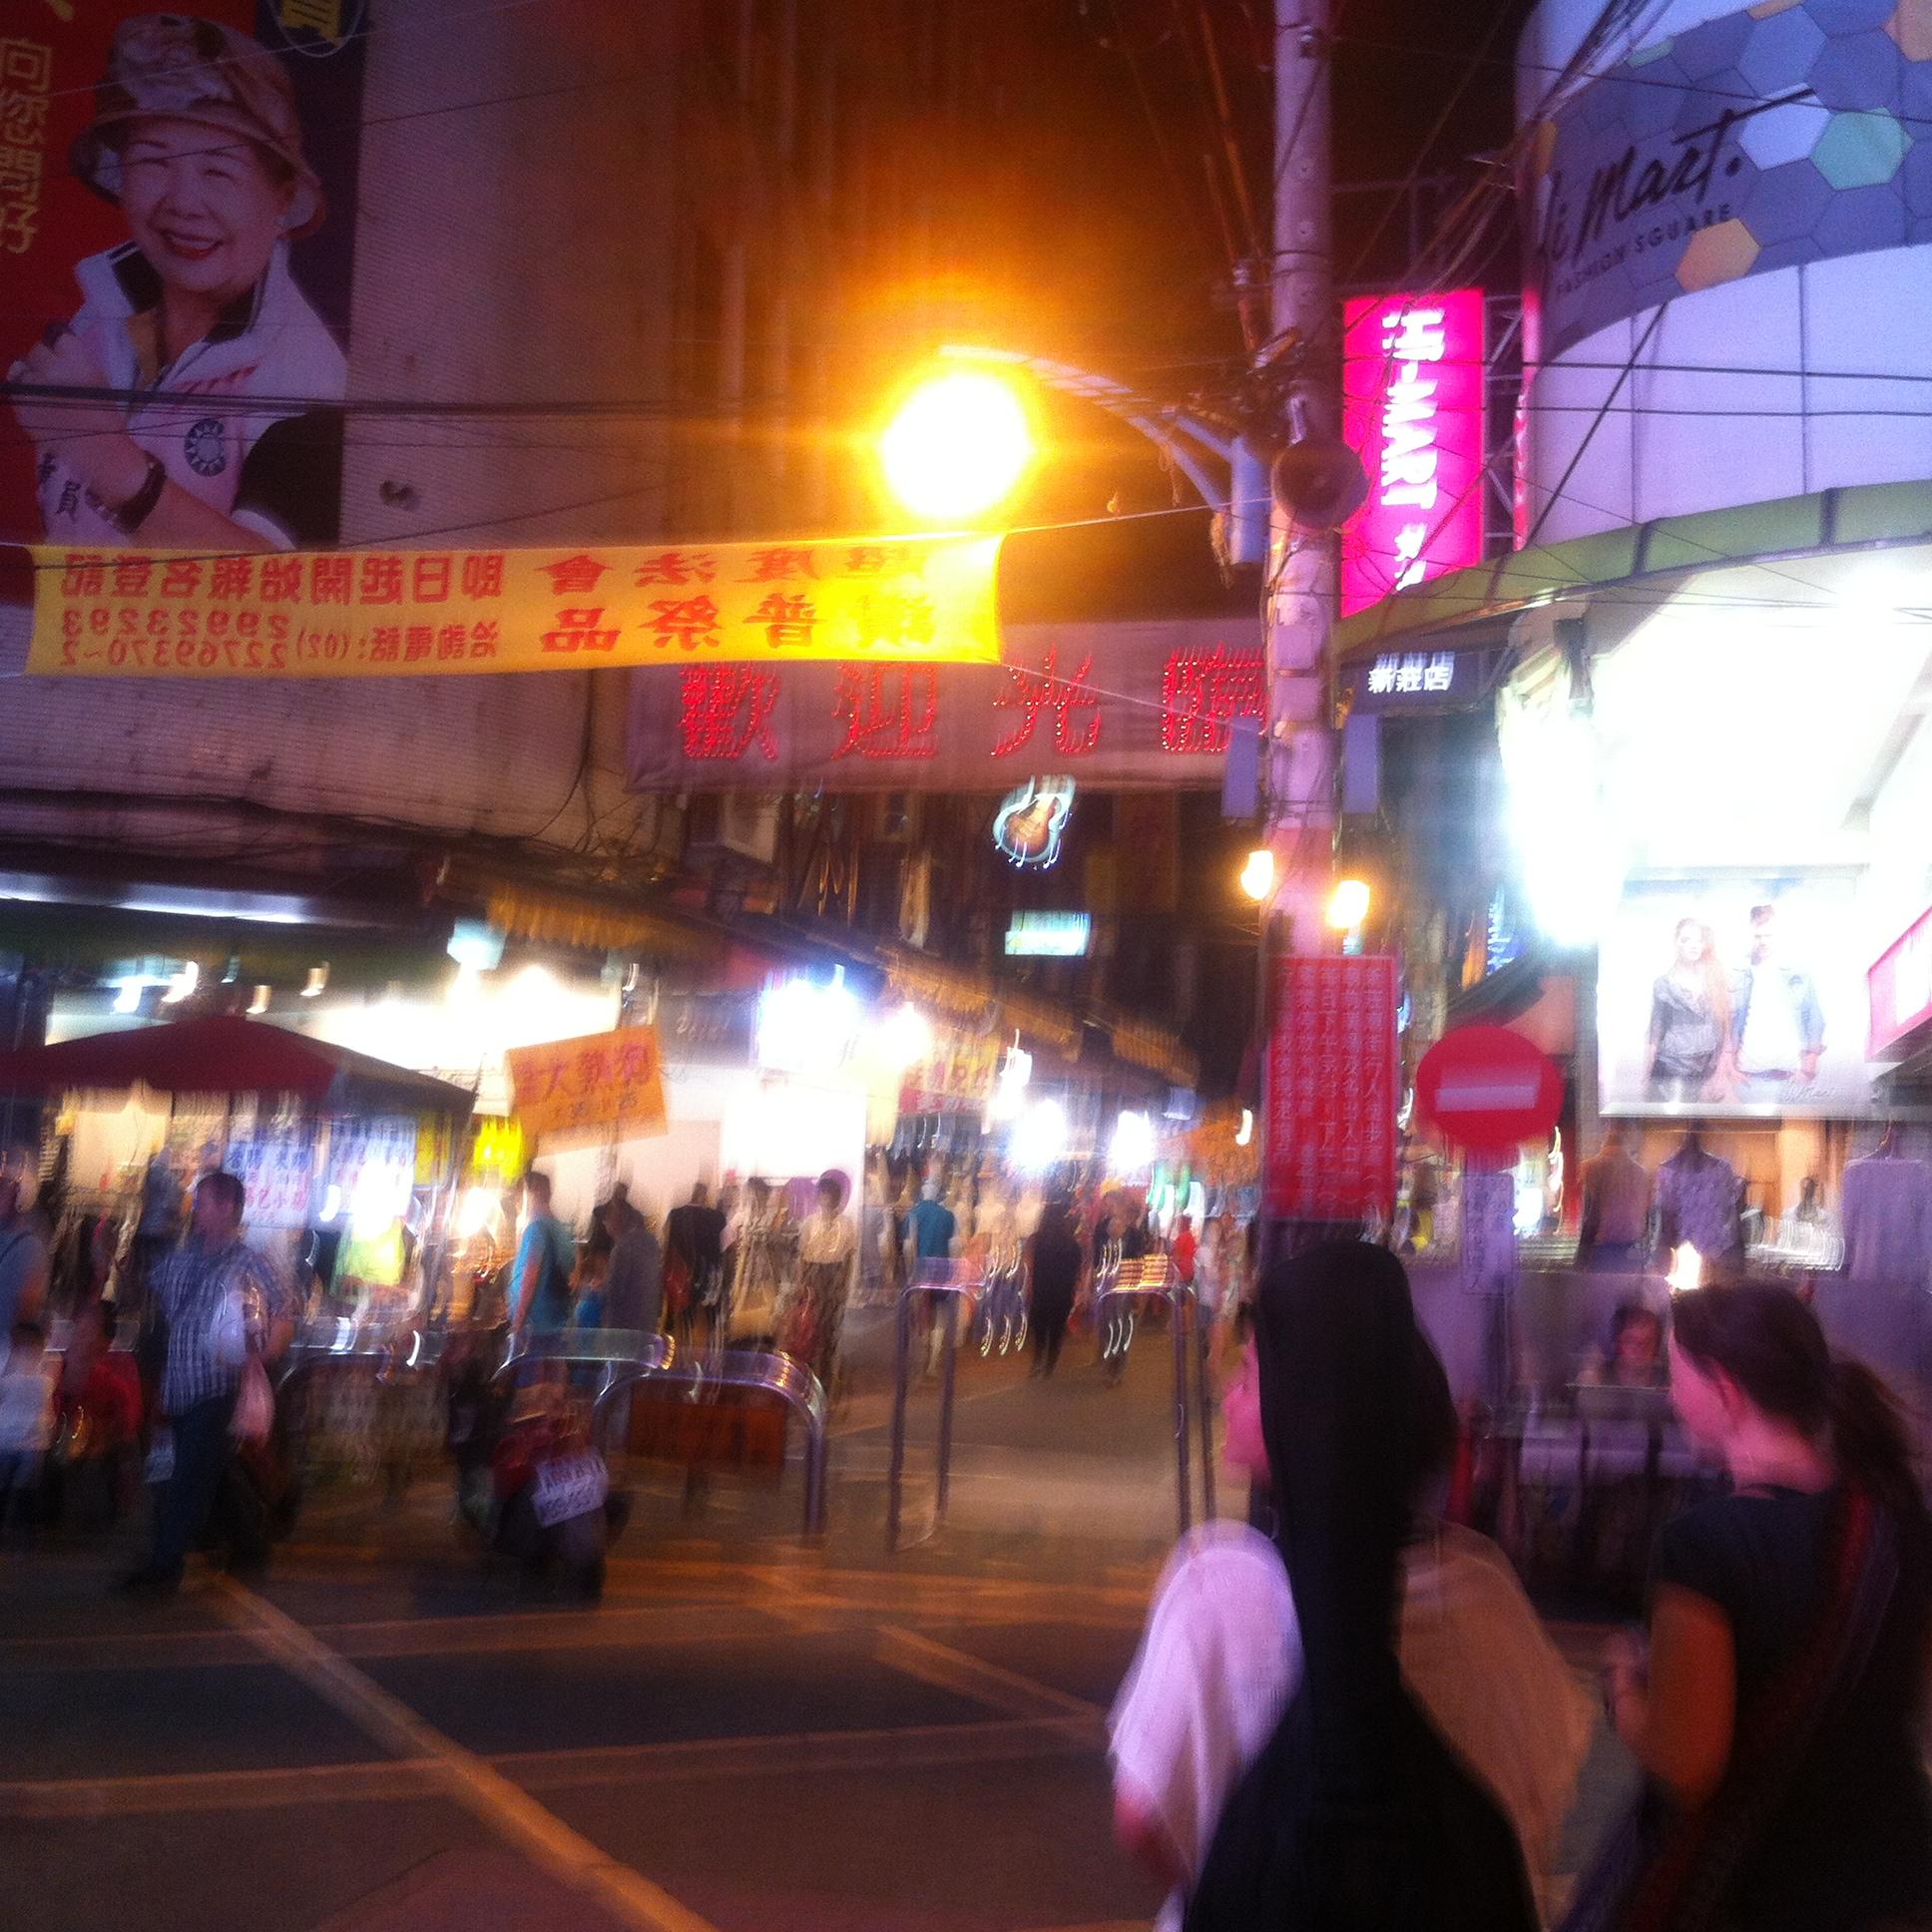 【夜市】新莊夜市に行ってきました。